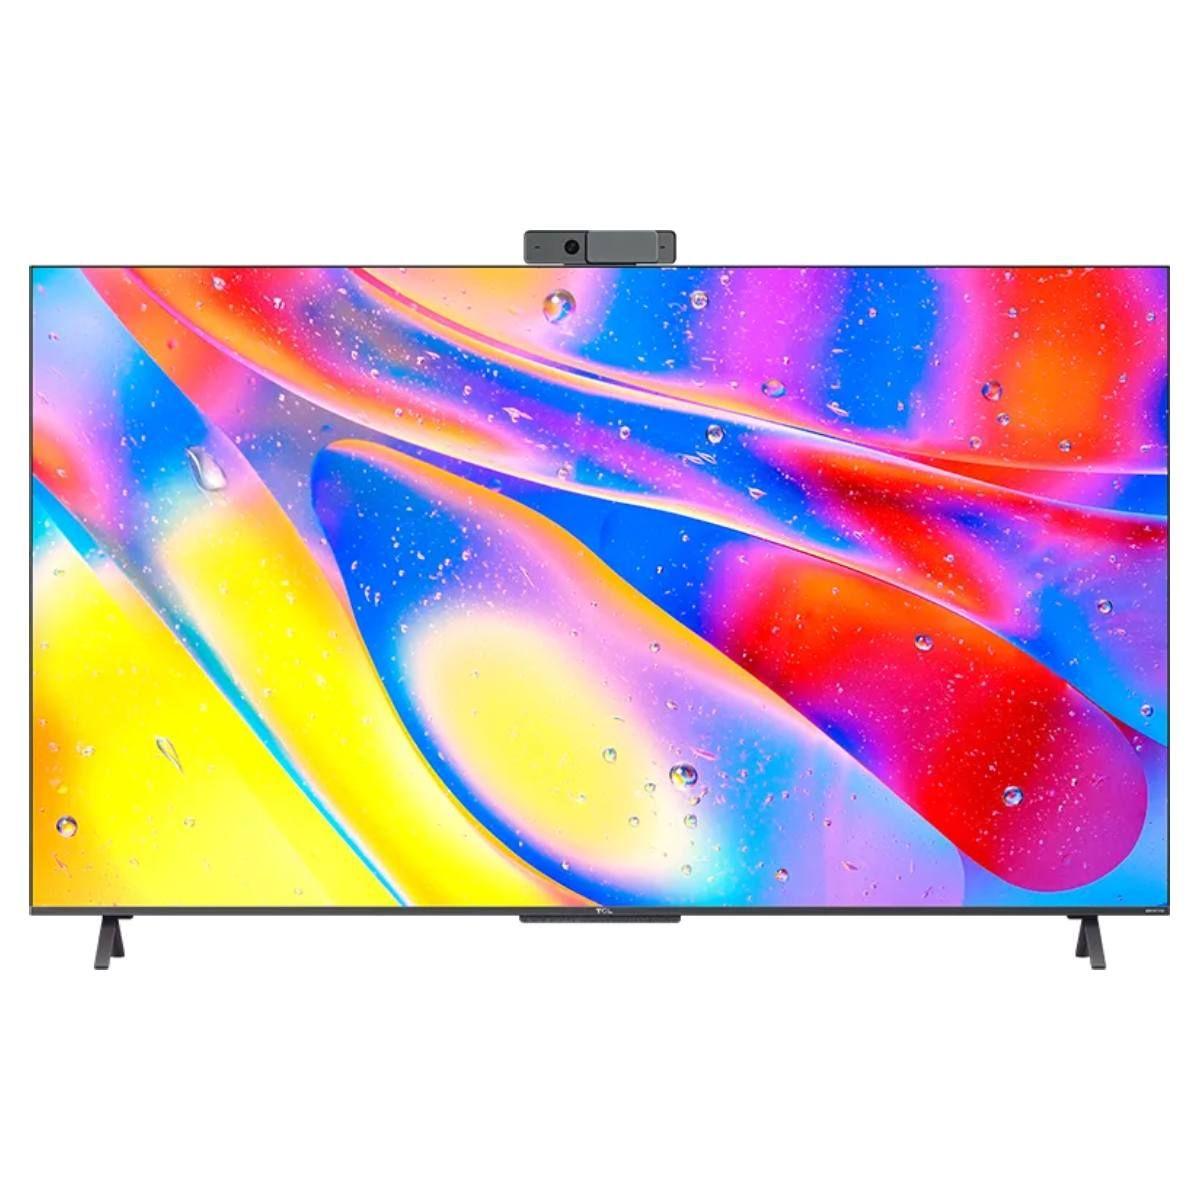 ಟಿಸಿಎಲ್ ವೀಡಿಯೊ Call C725 65-inch 4K QLED TV